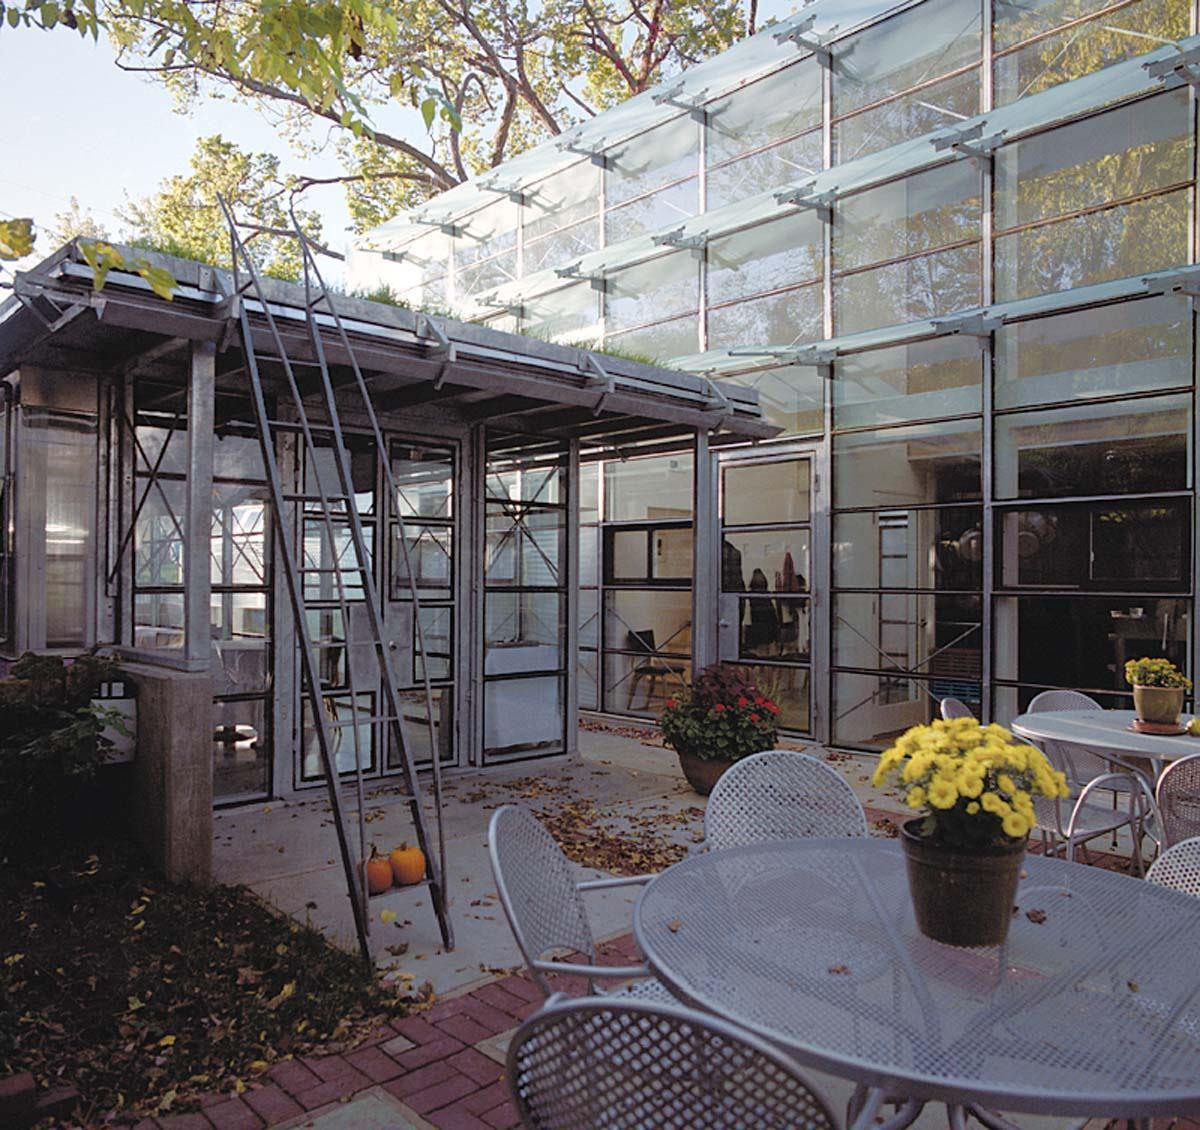 Modern speakeasy lawrence kan residential architect for Residential architect design awards